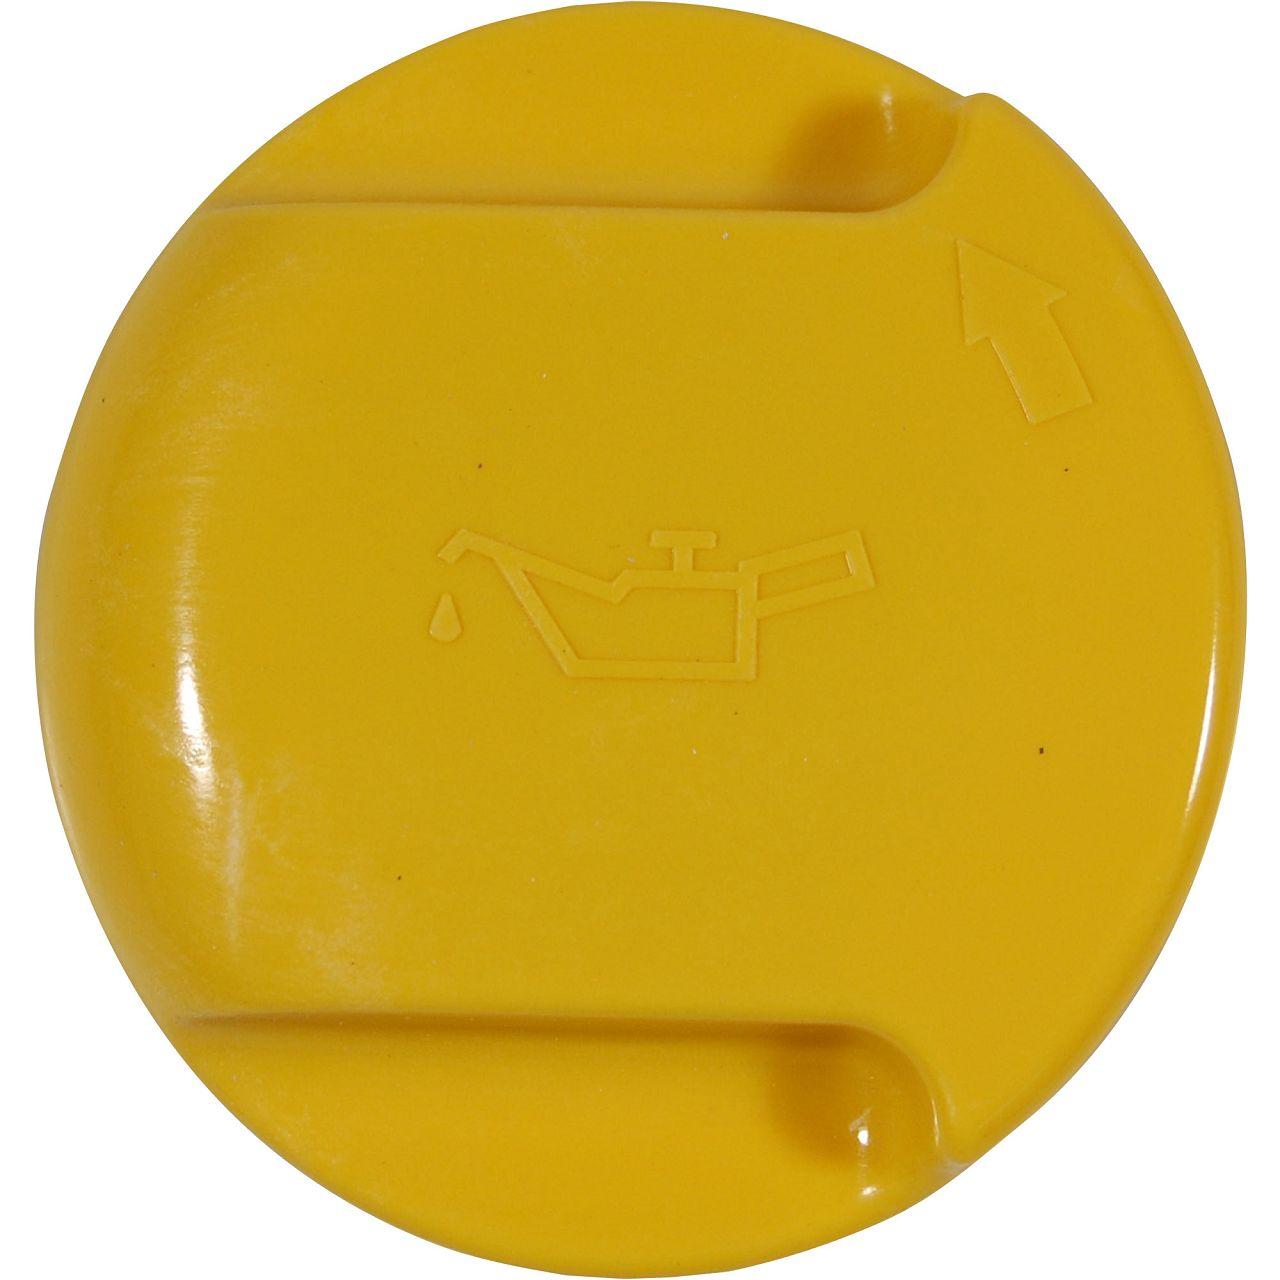 Öldeckel Öleinfülldeckel für OPEL Astra F Corsa B Tigra A 1.4i 1.6i 16V 90/100PS